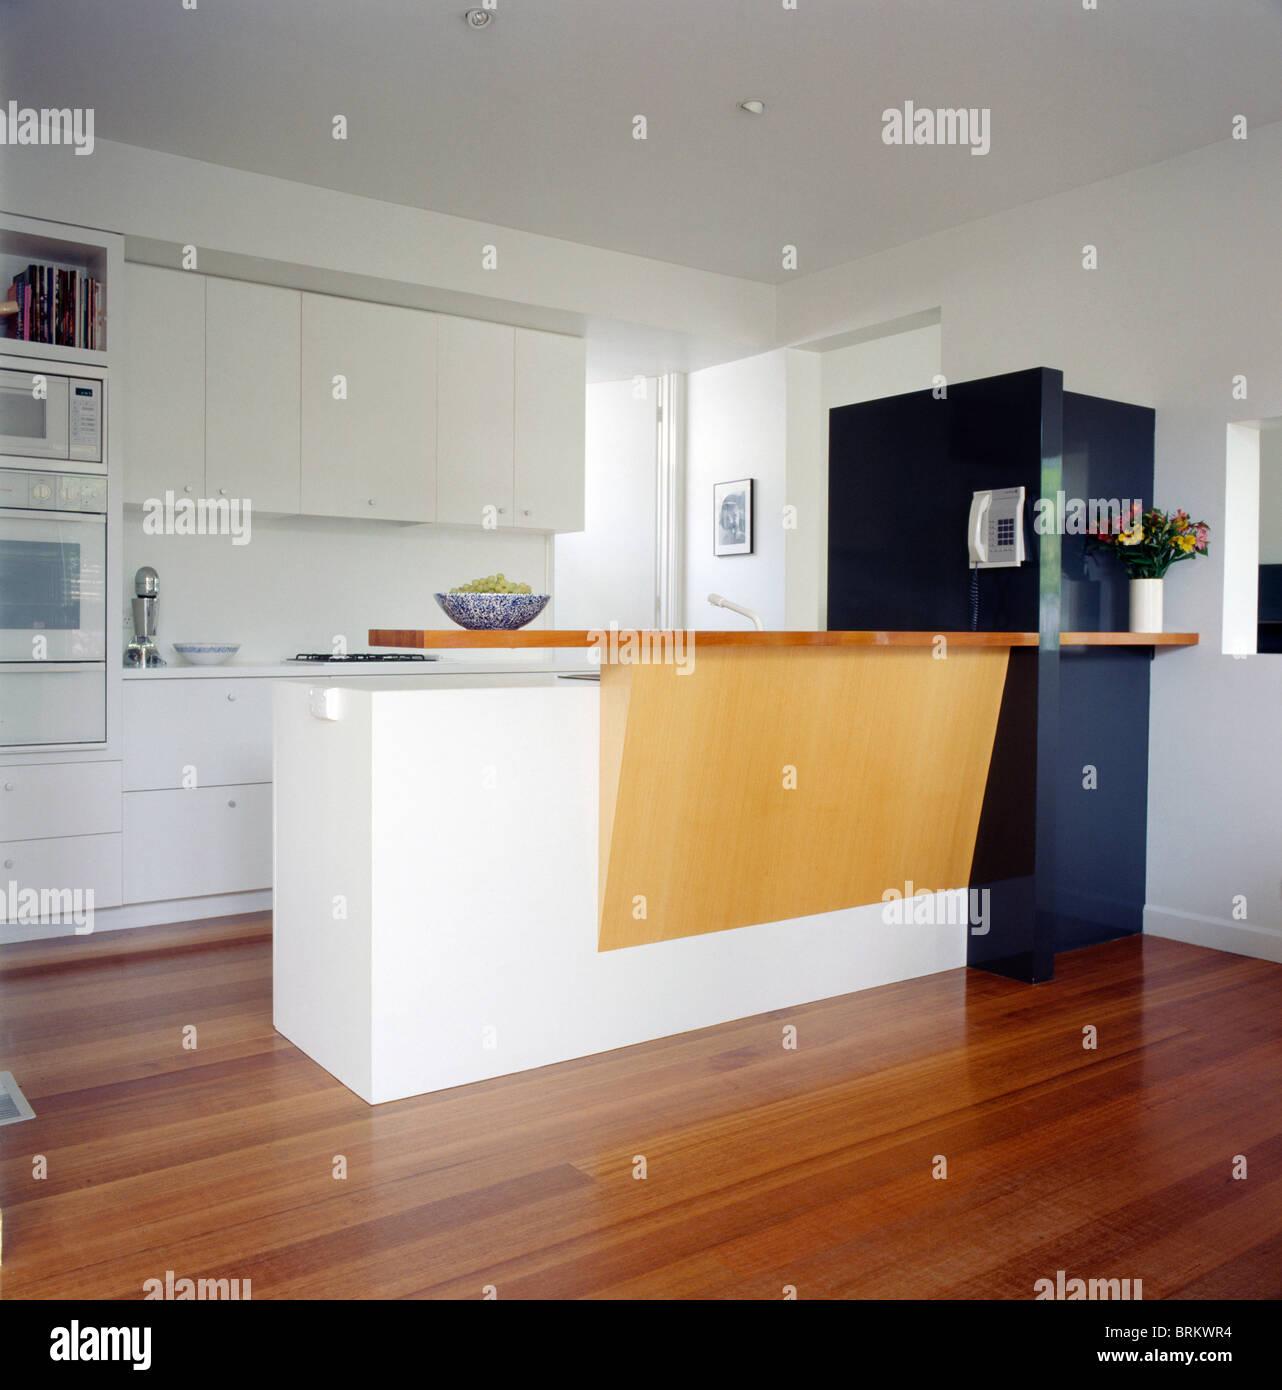 Holzboden Küche   Hellen Holz Und Weissem Insel Einheit In Modernen Weissen Kuche Mit